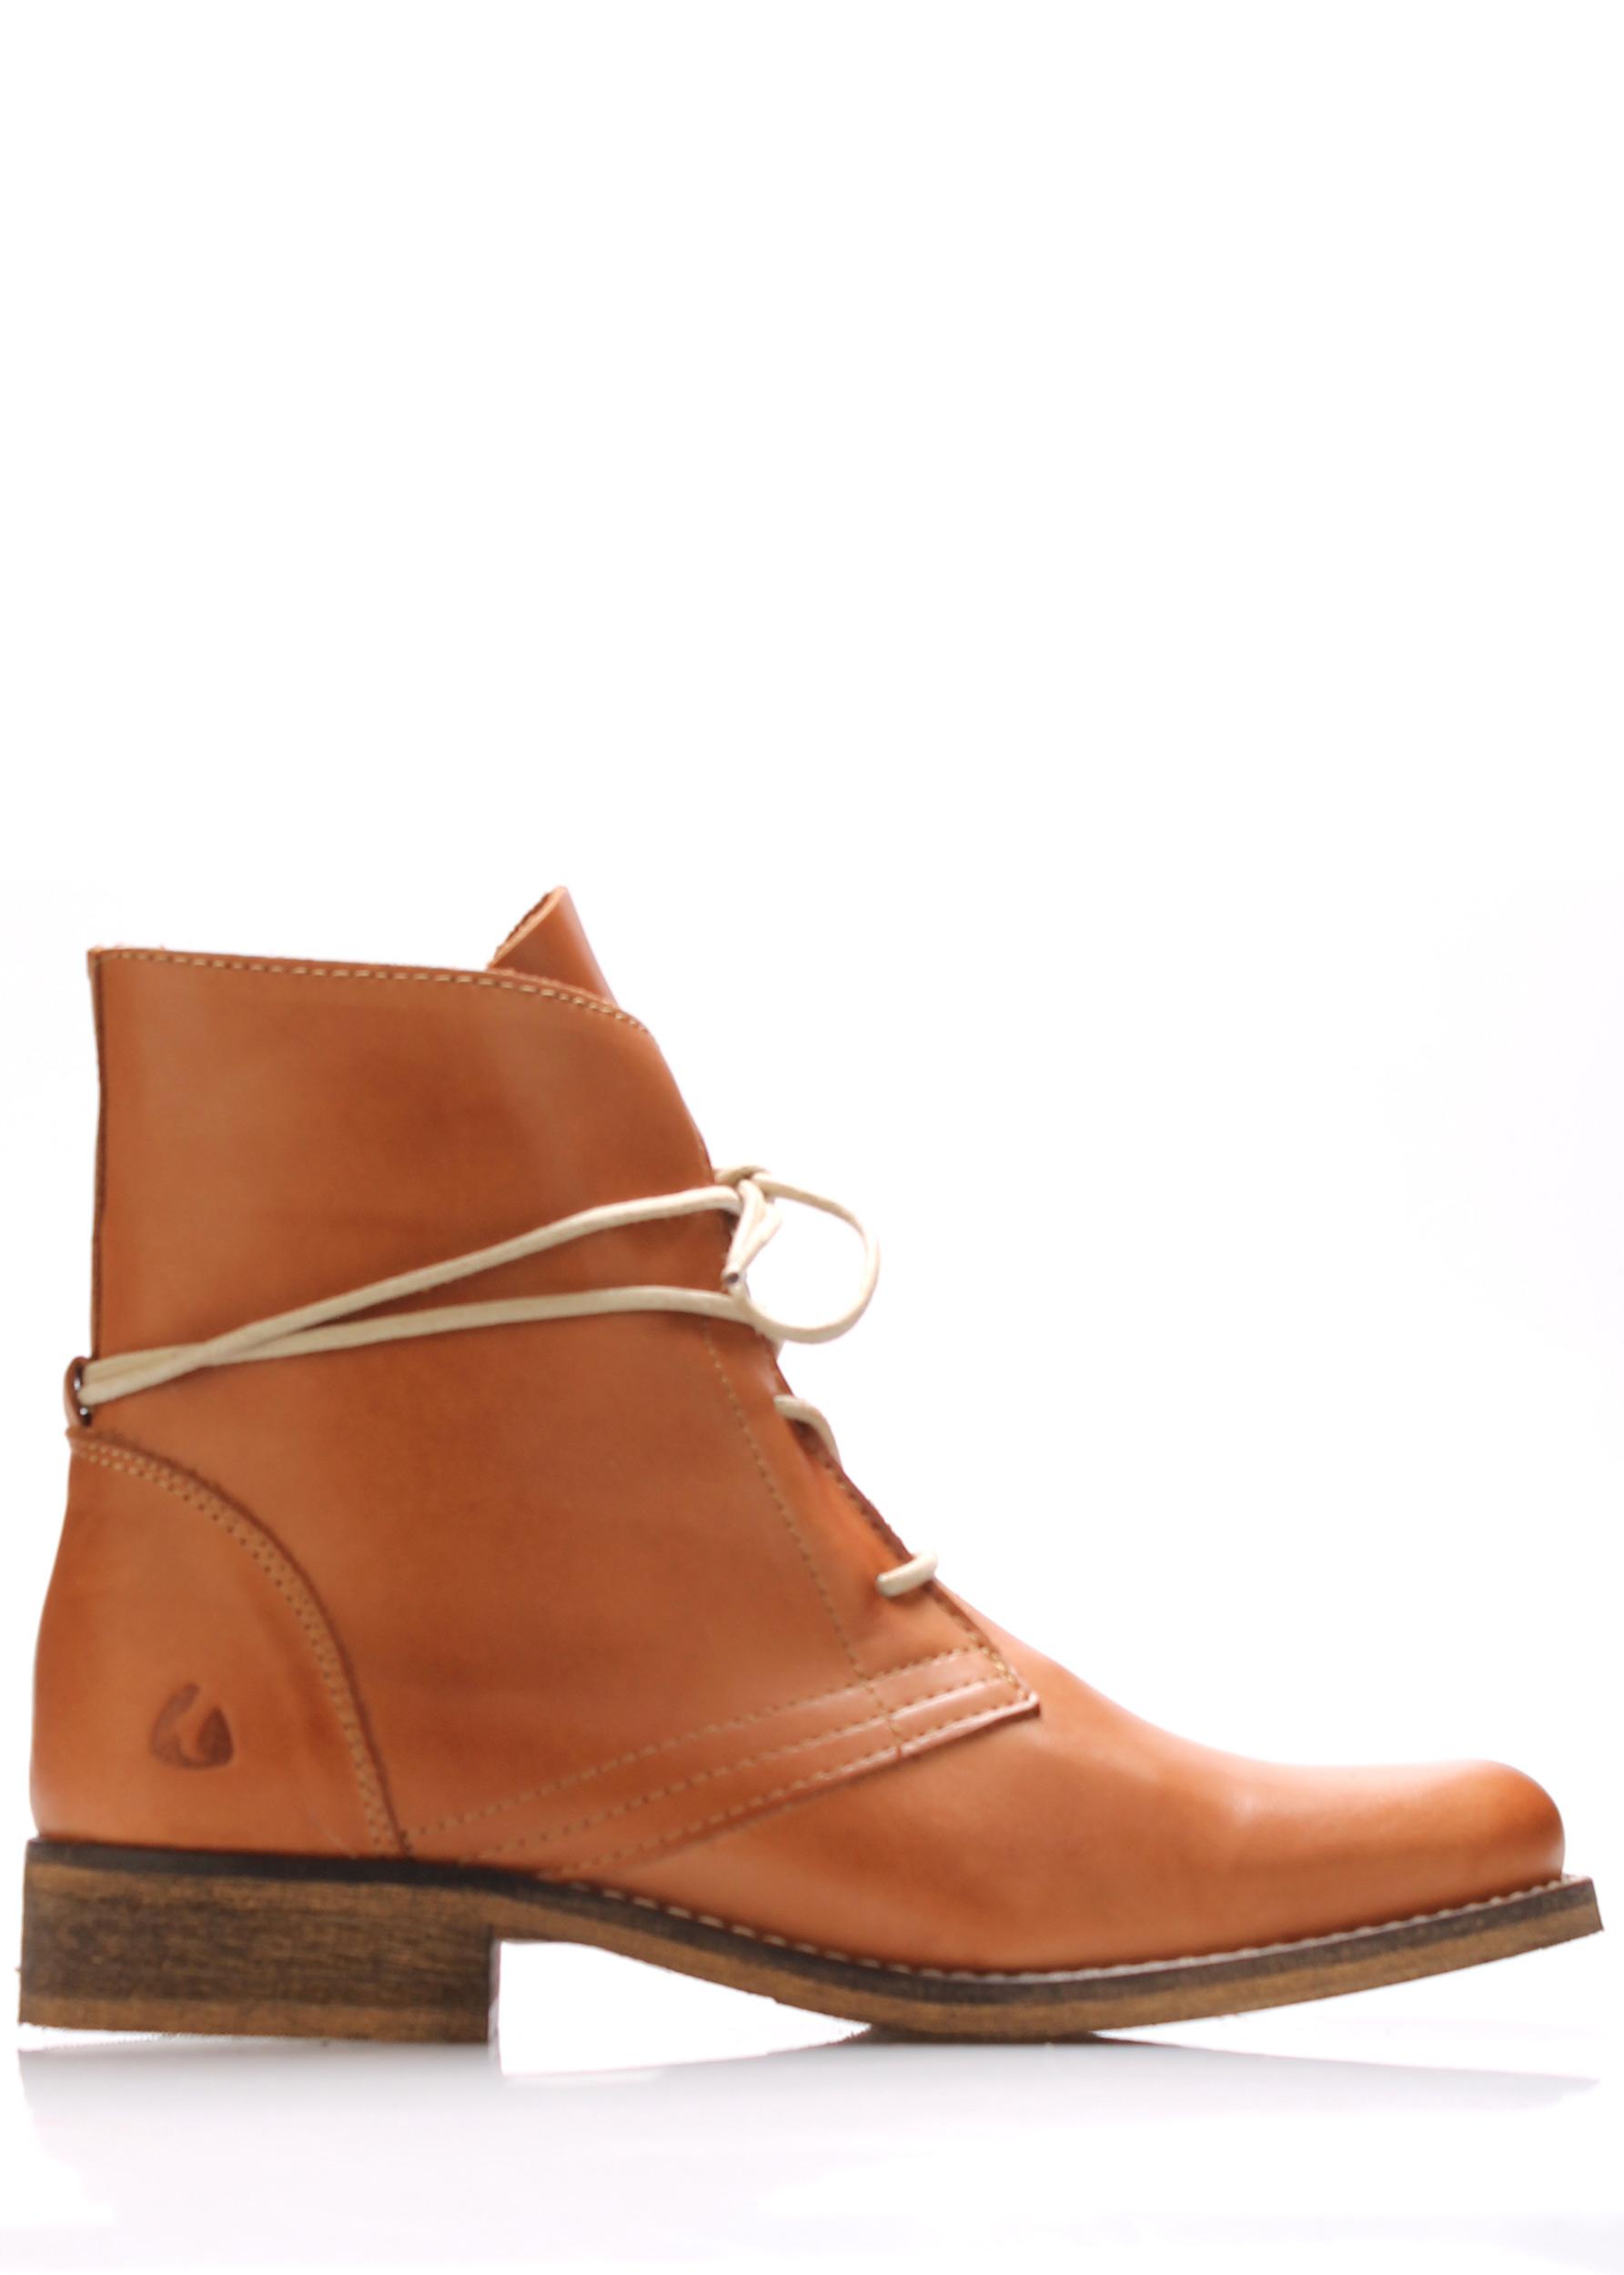 Koňakově hnědé kožené šněrovací boty Online Shoes Velikost: 40